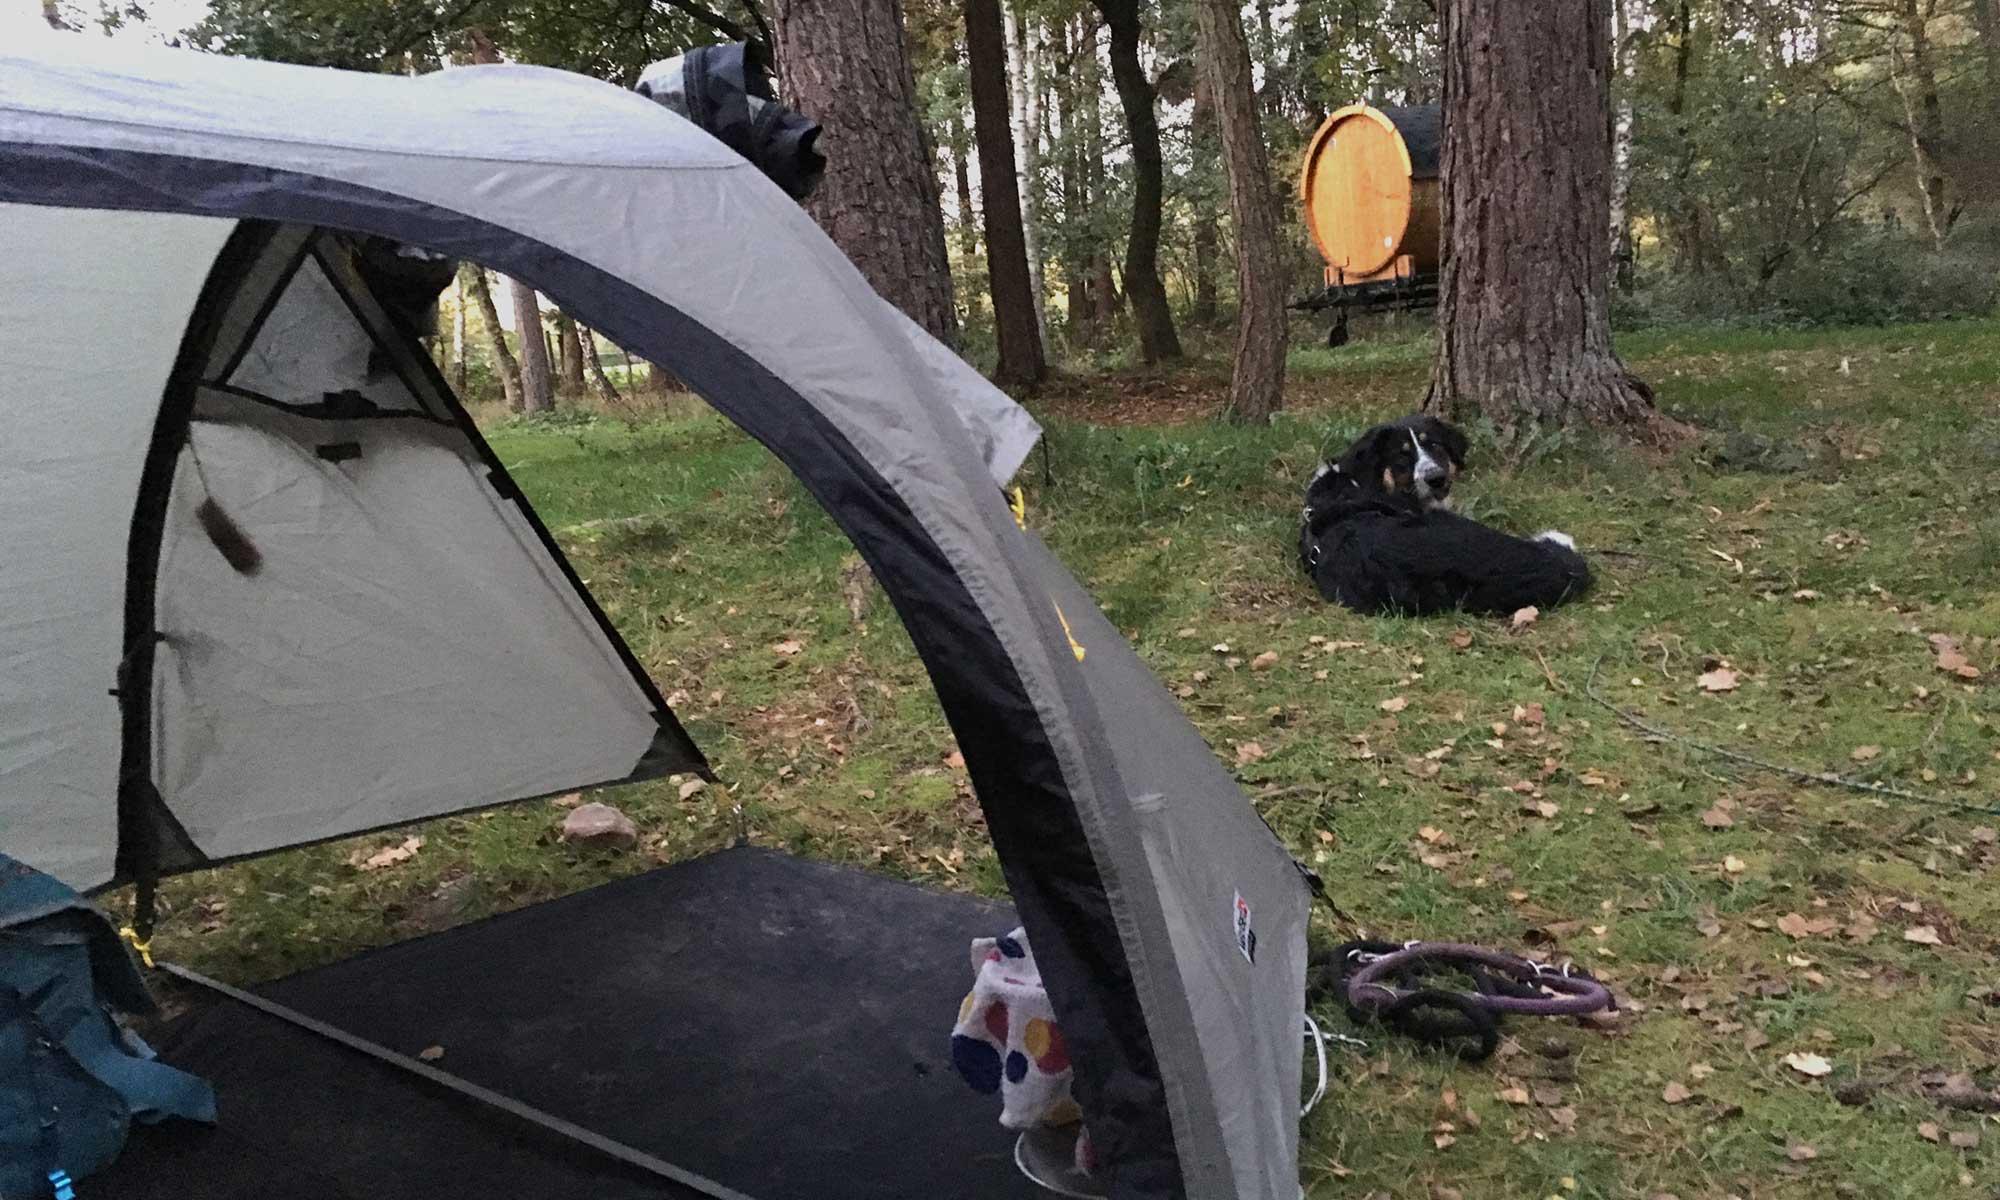 Campinplatz Wesertal ganz für uns allein